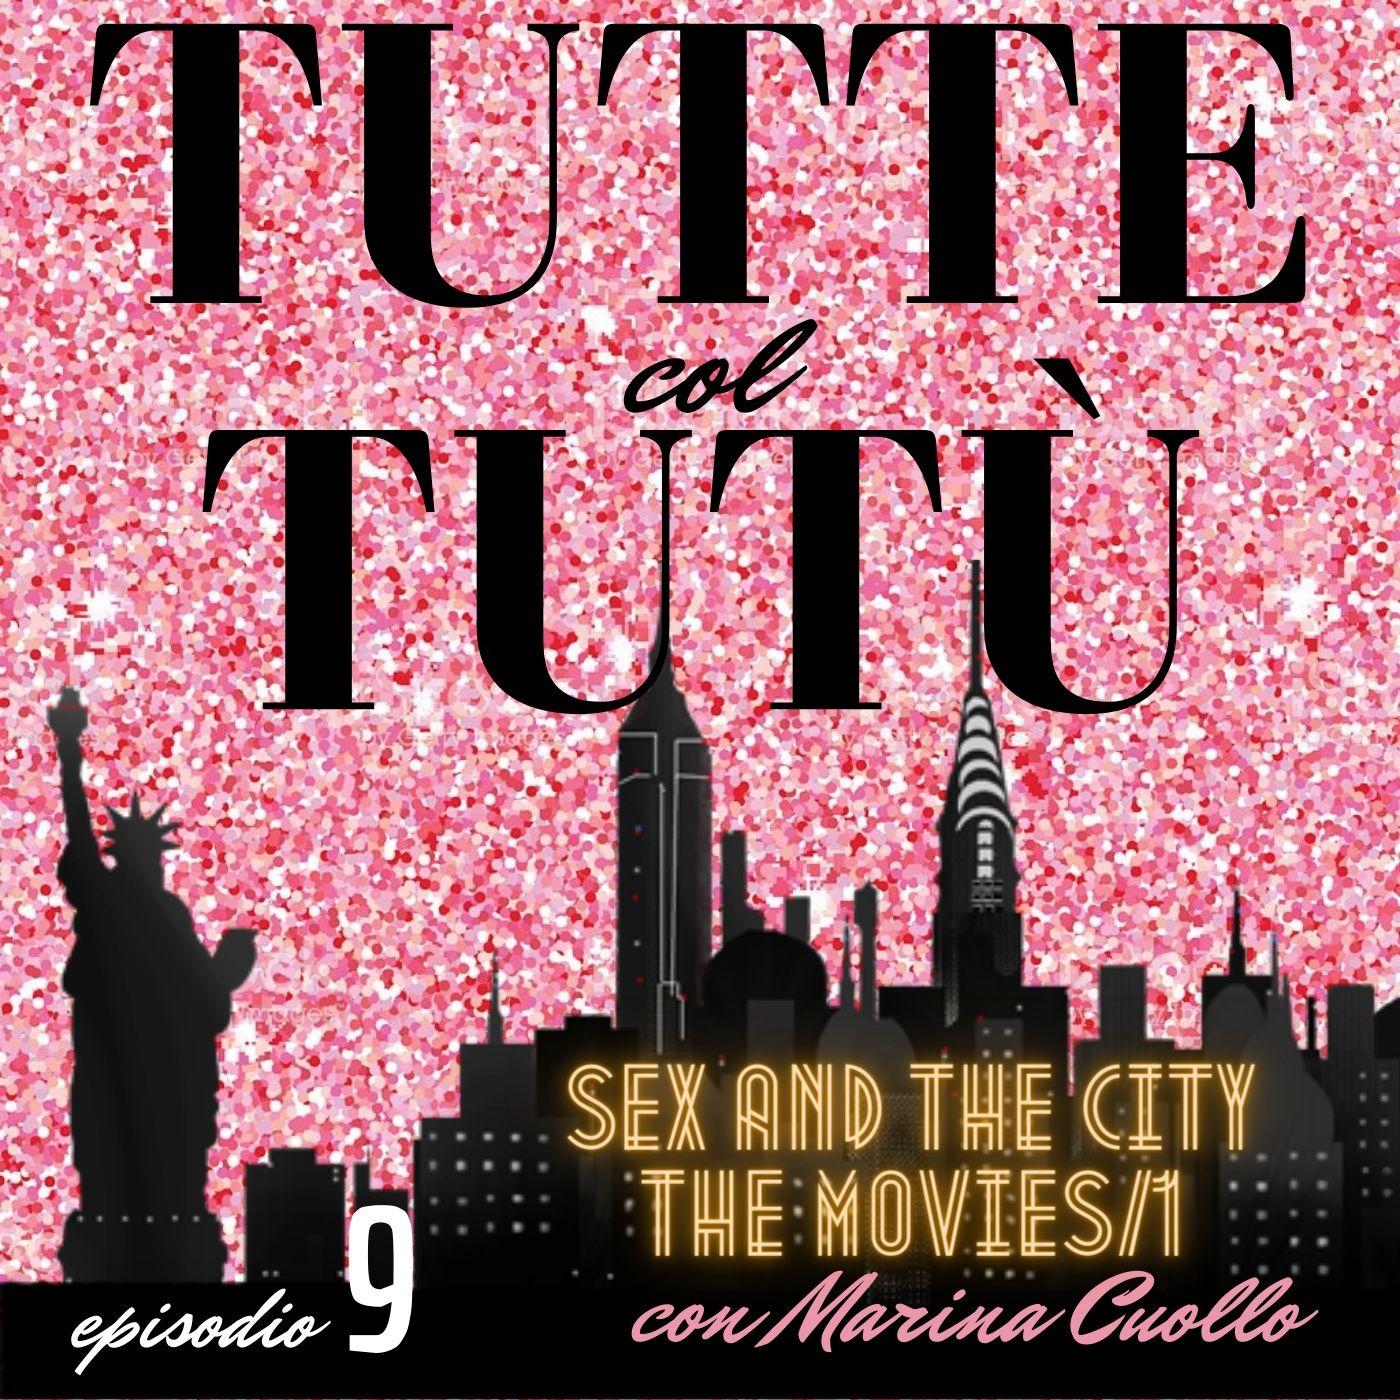 Episodio 9: Sex and the City/The First Movie - con Marina Cuollo